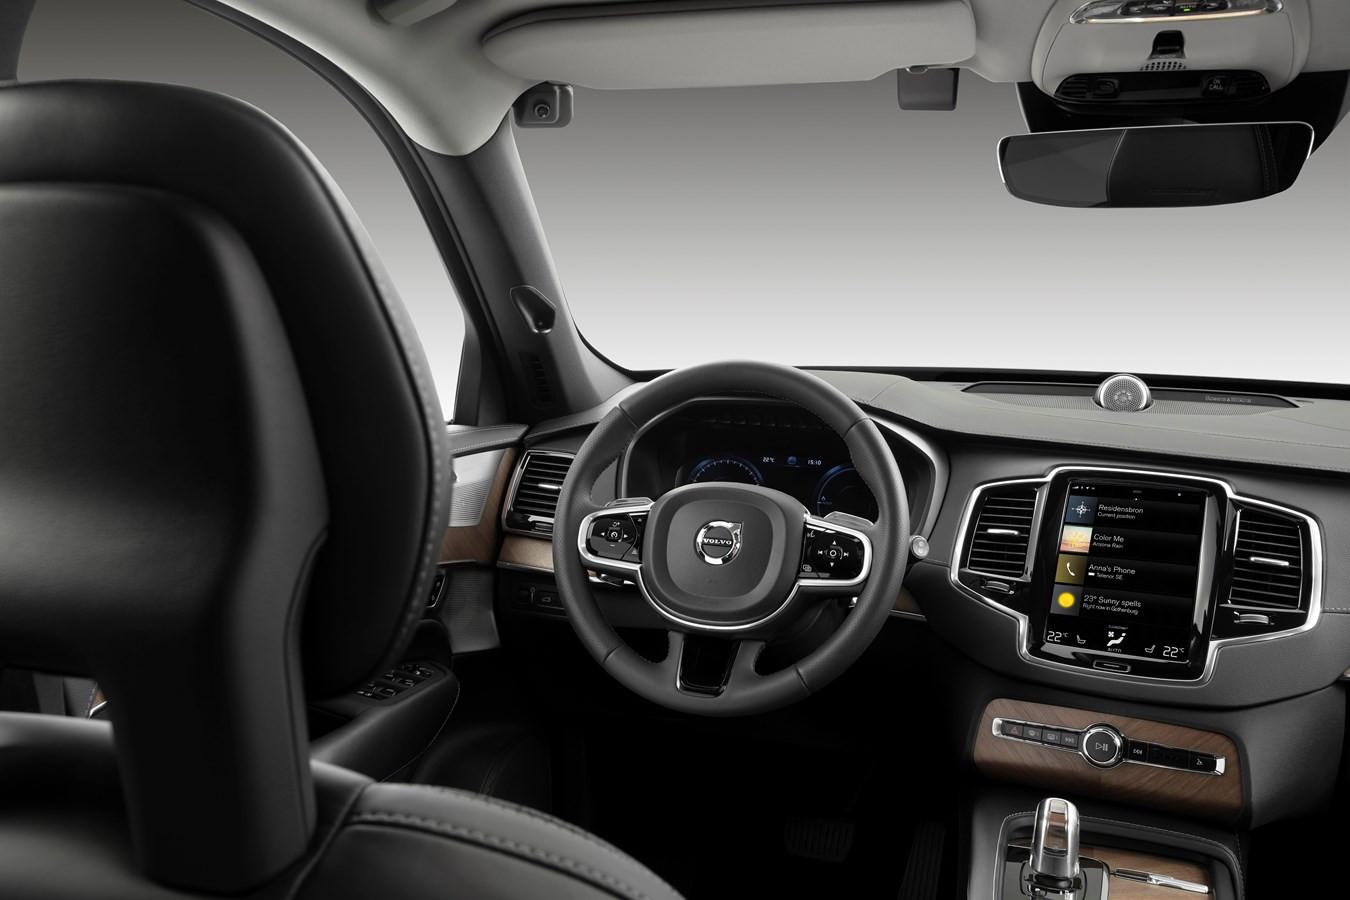 Volvo tem solução para impedir que conduza embriagado